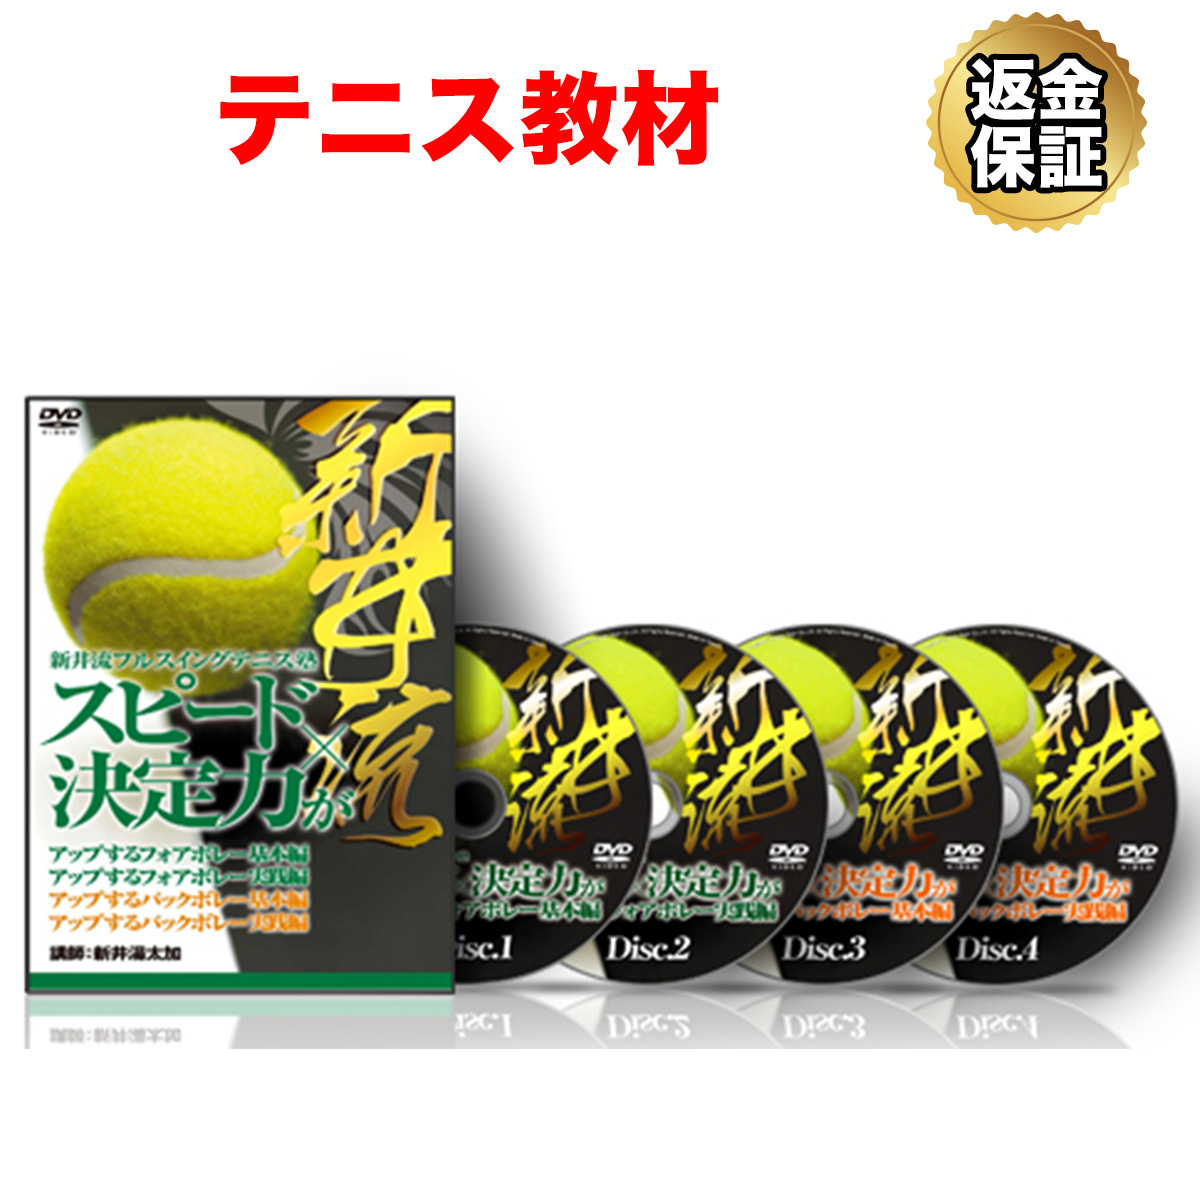 テニス 教材 DVD 新井流フルスイングテニス塾スピード×決定力がアップするフォアボレー・バックボレー